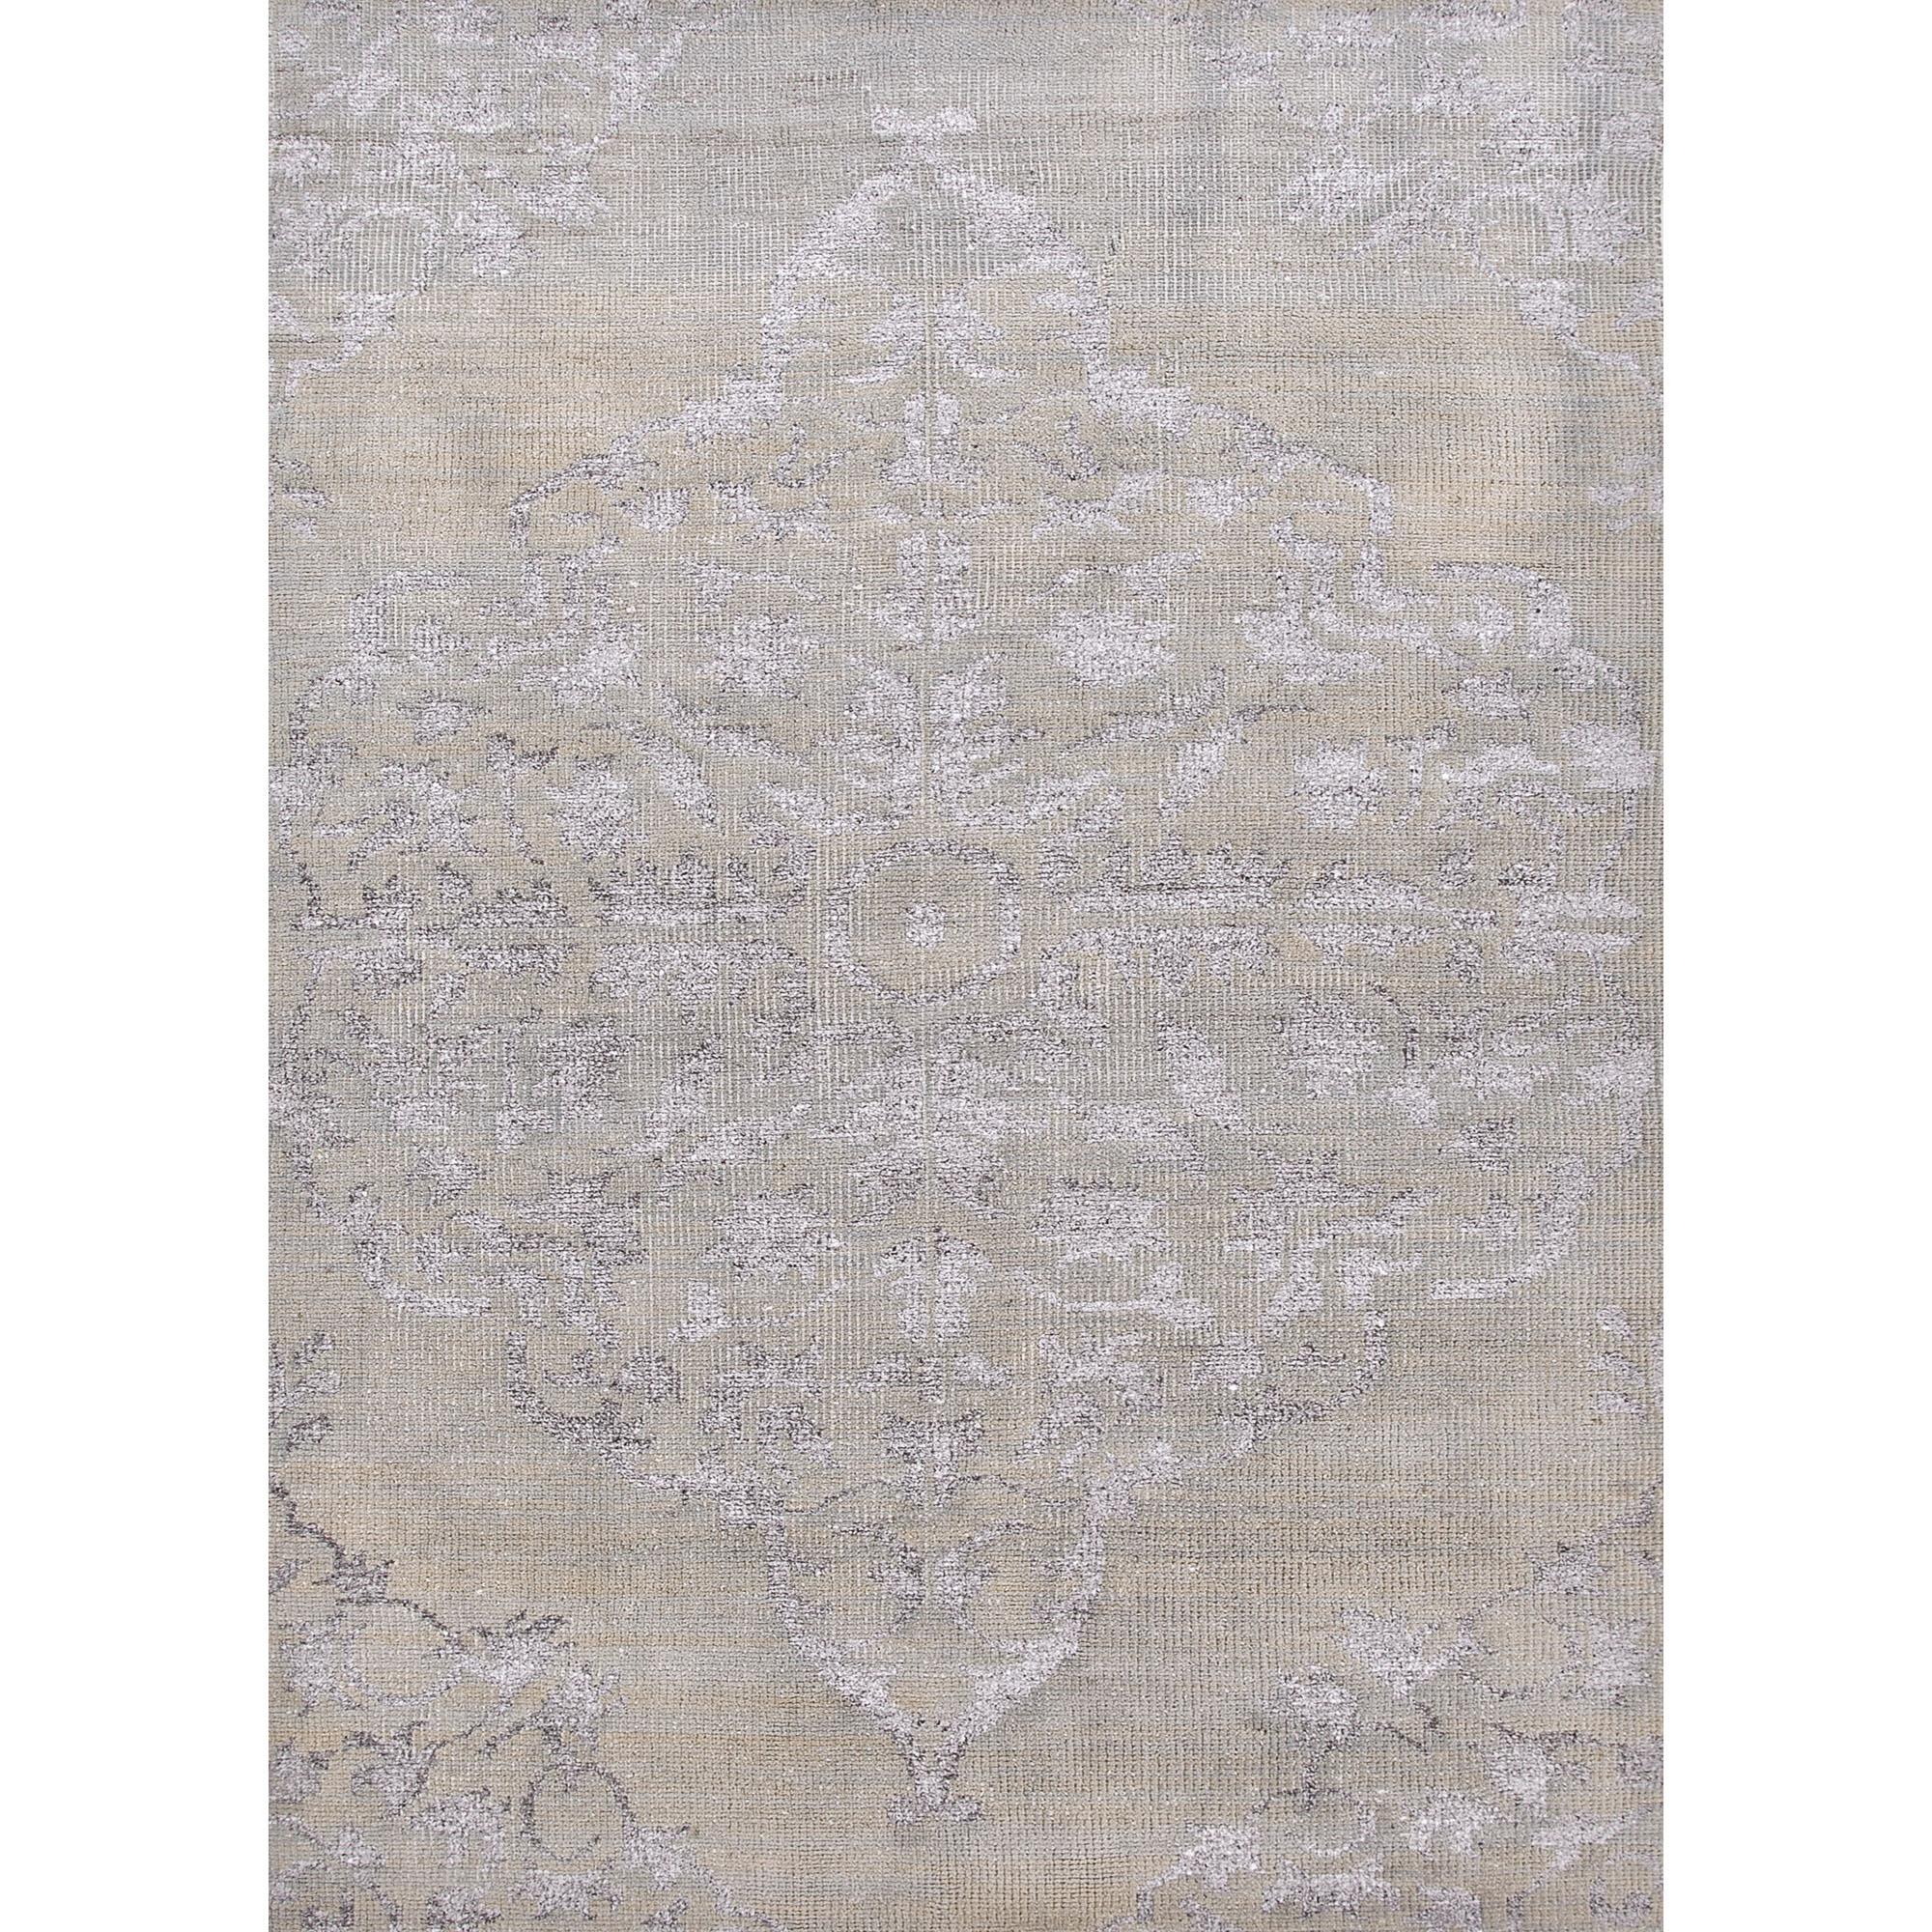 JAIPUR Rugs Heritage 5 x 8 Rug - Item Number: RUG102033